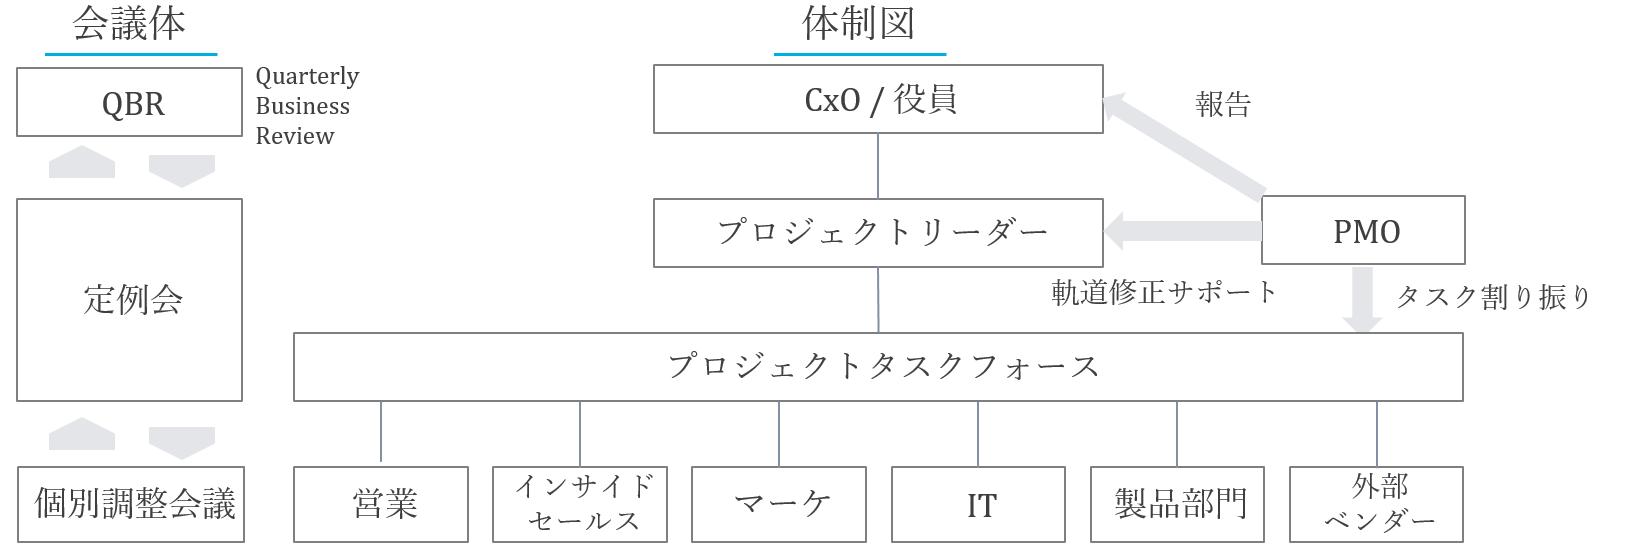 プロジェクト体制図と会議体